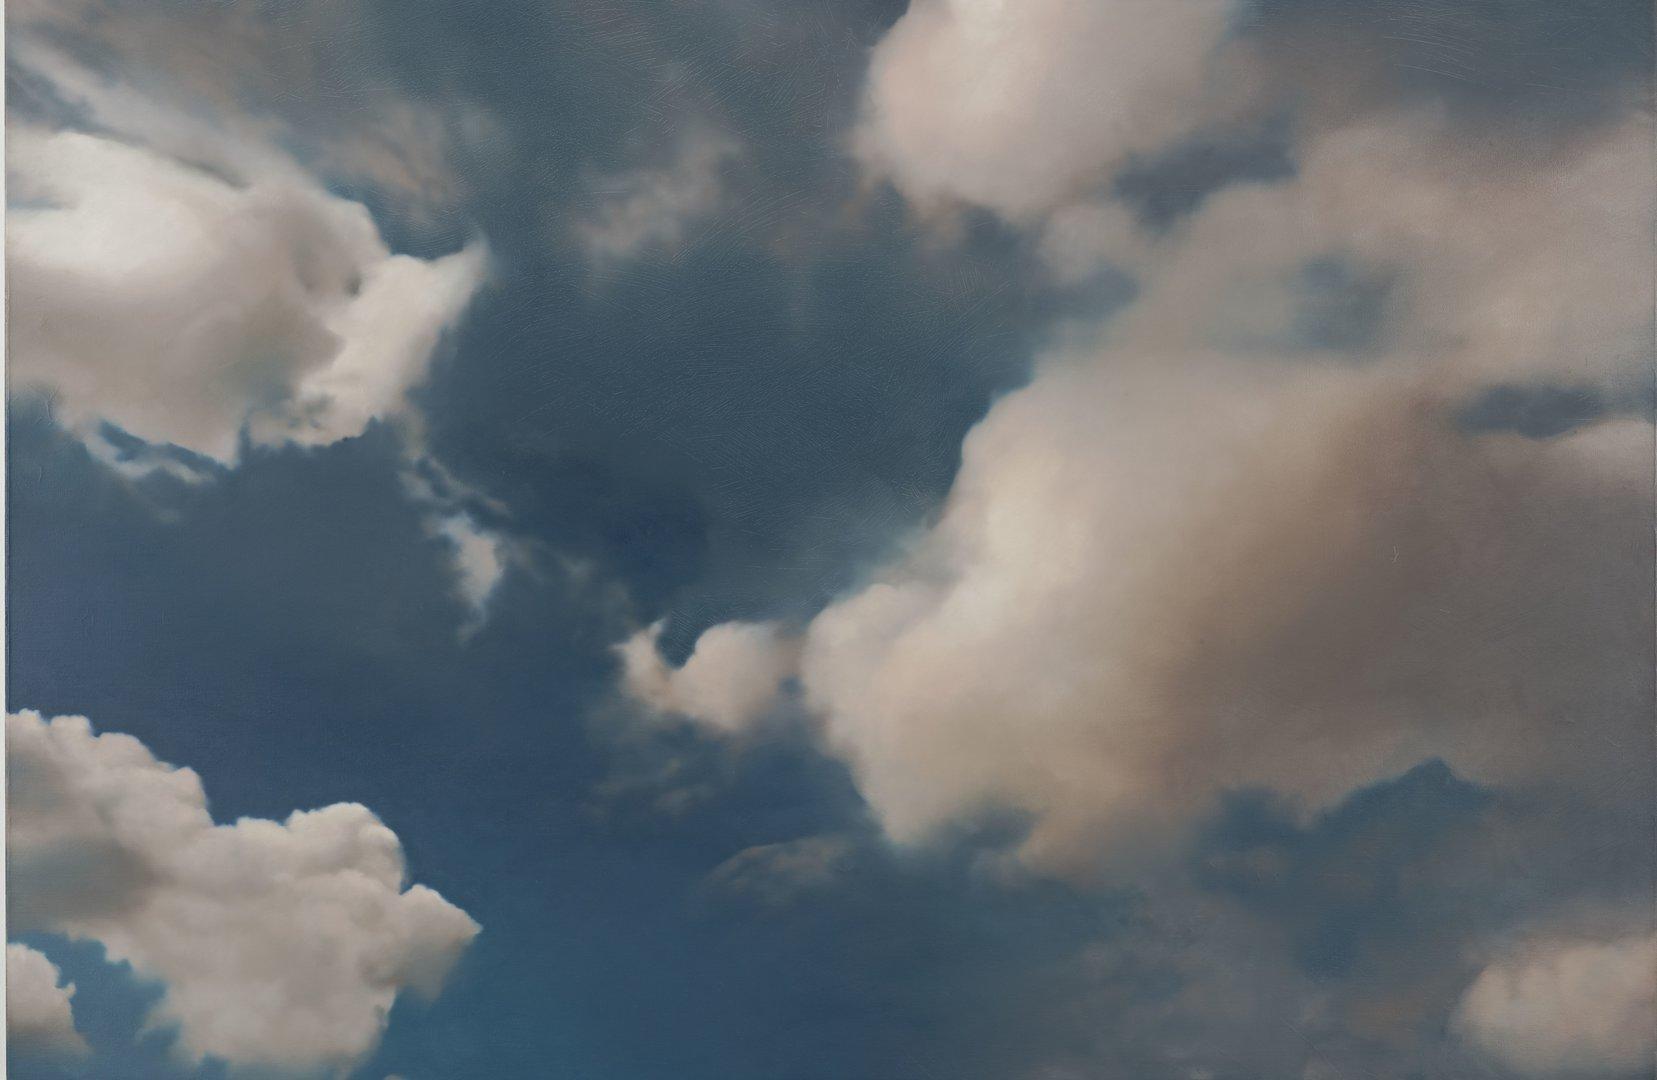 Wolkiger Himmel, stürmische Zeiten in der Kunst